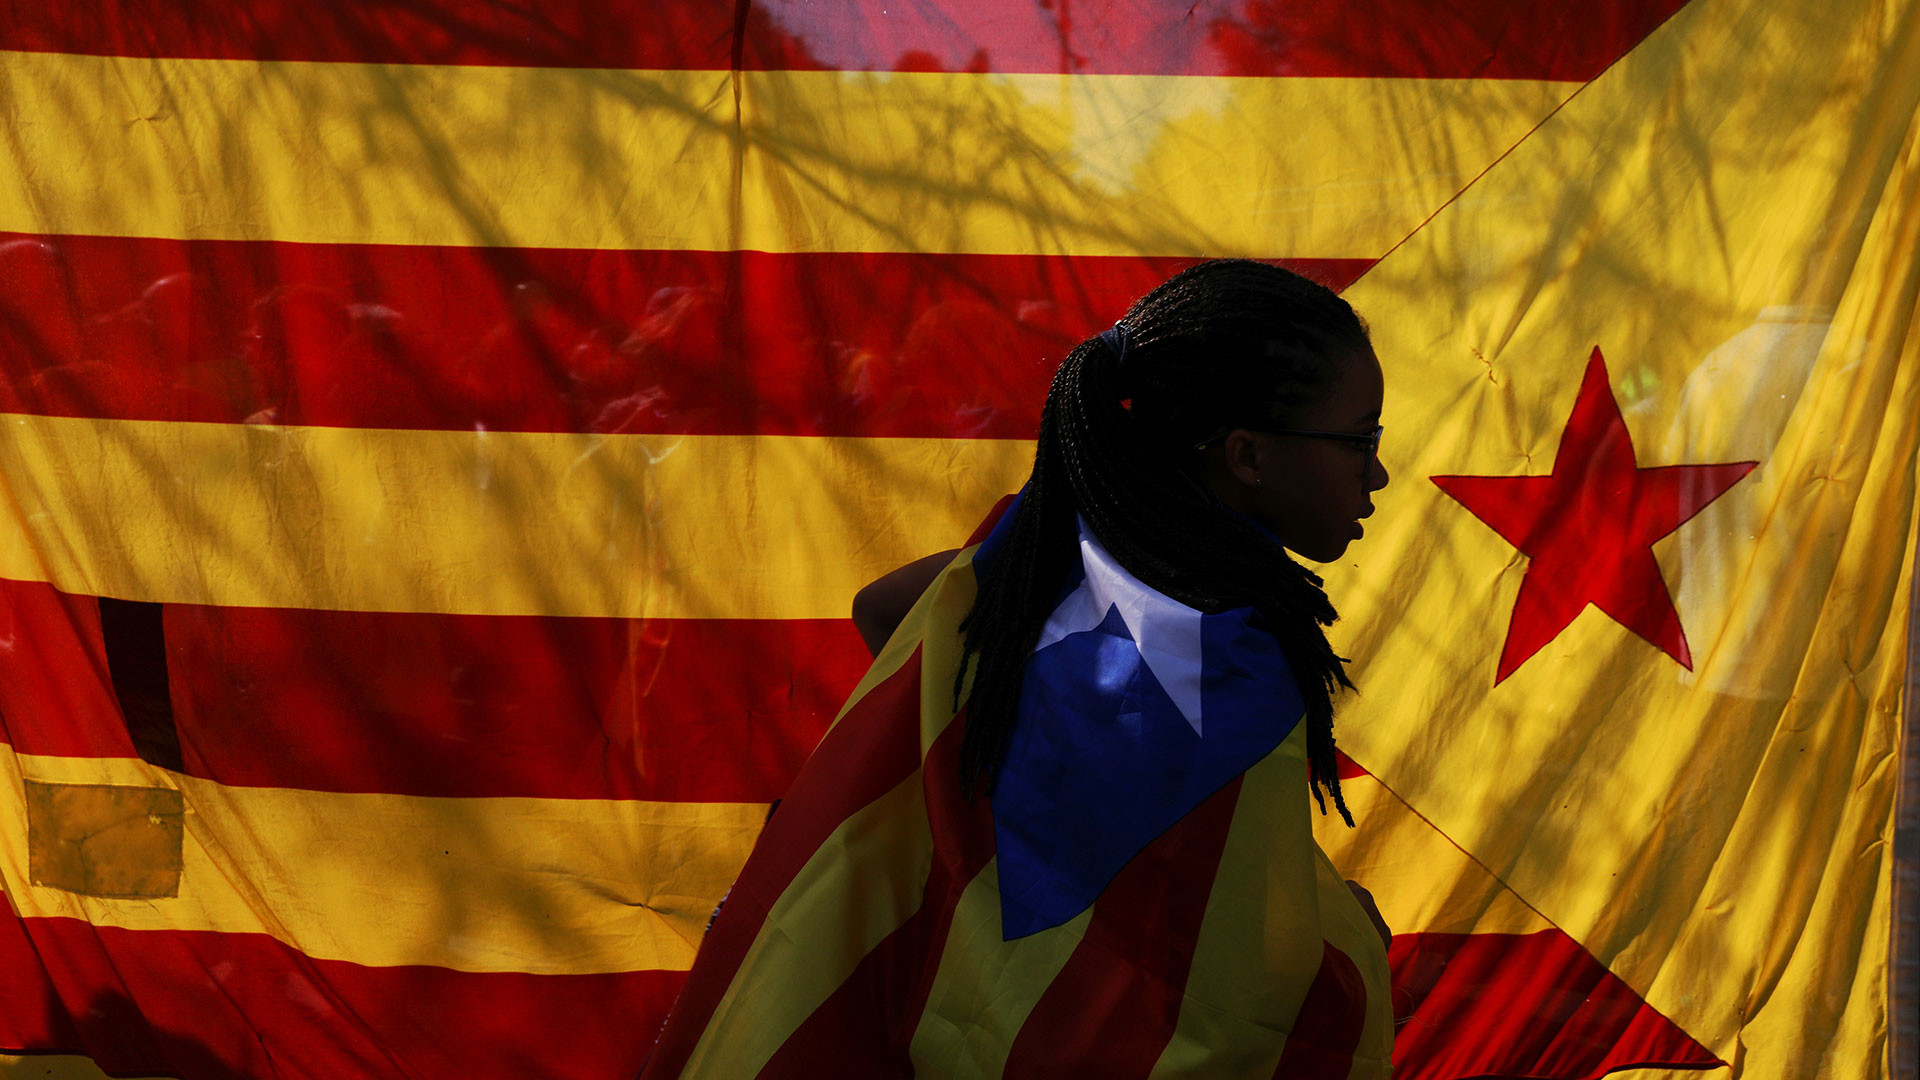 ¡PRETENDEN CREAR UN ESTADO SOCIAL DE DERECHO Y DE JUSTICIA IGUAL AL NUESTRO! / Cataluña ha ganado al Estado Español, afirma Generalitat antes de 1°O